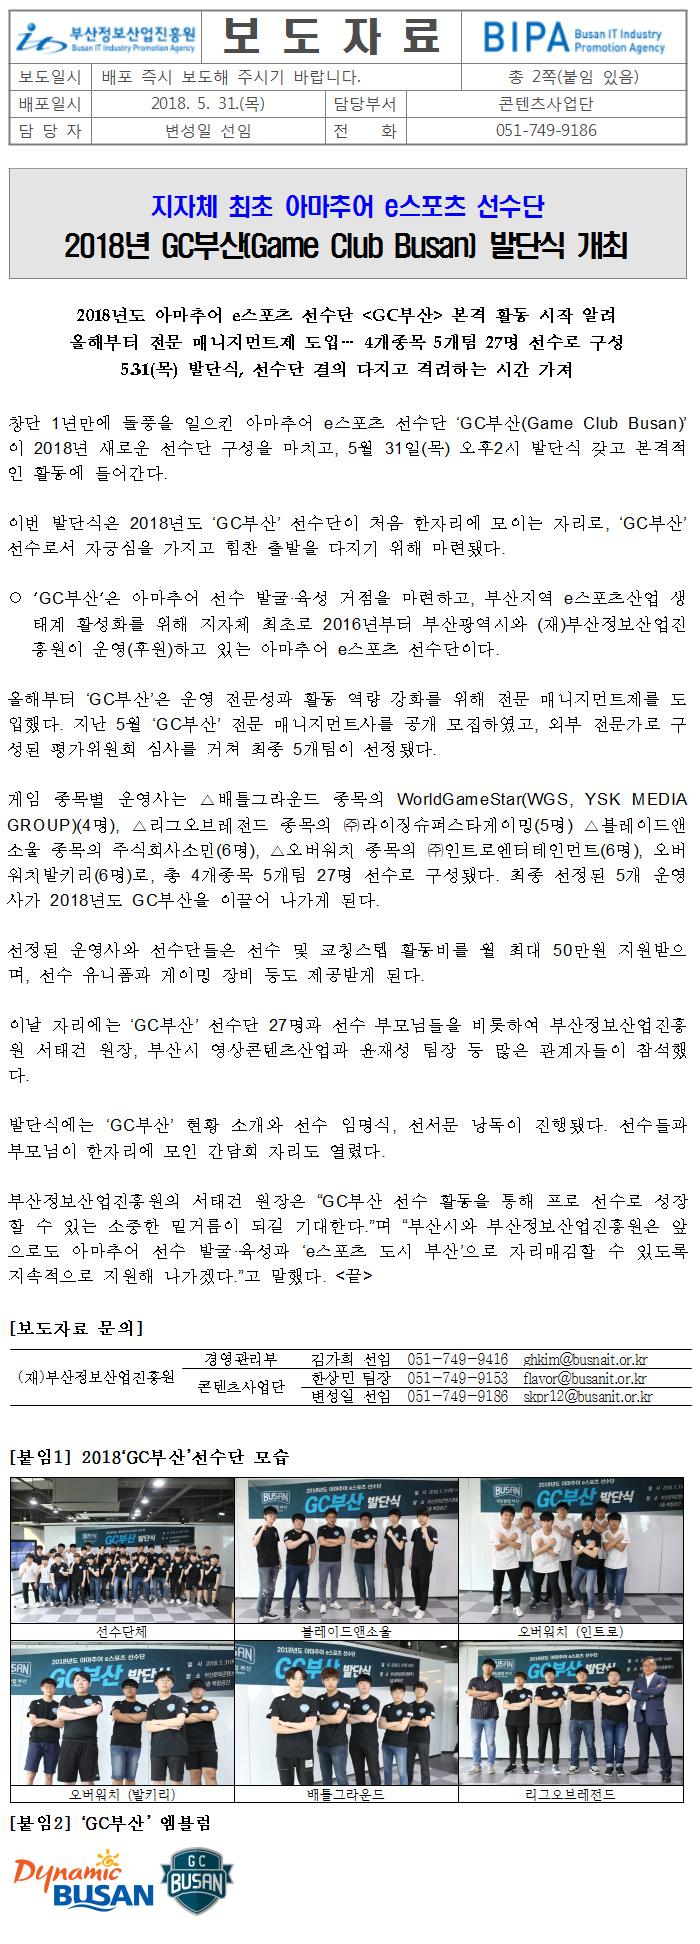 지자체 최초 아마추어 e스포츠 선수단 2018년 GC부산(Game Club Busan) 발단식 개최